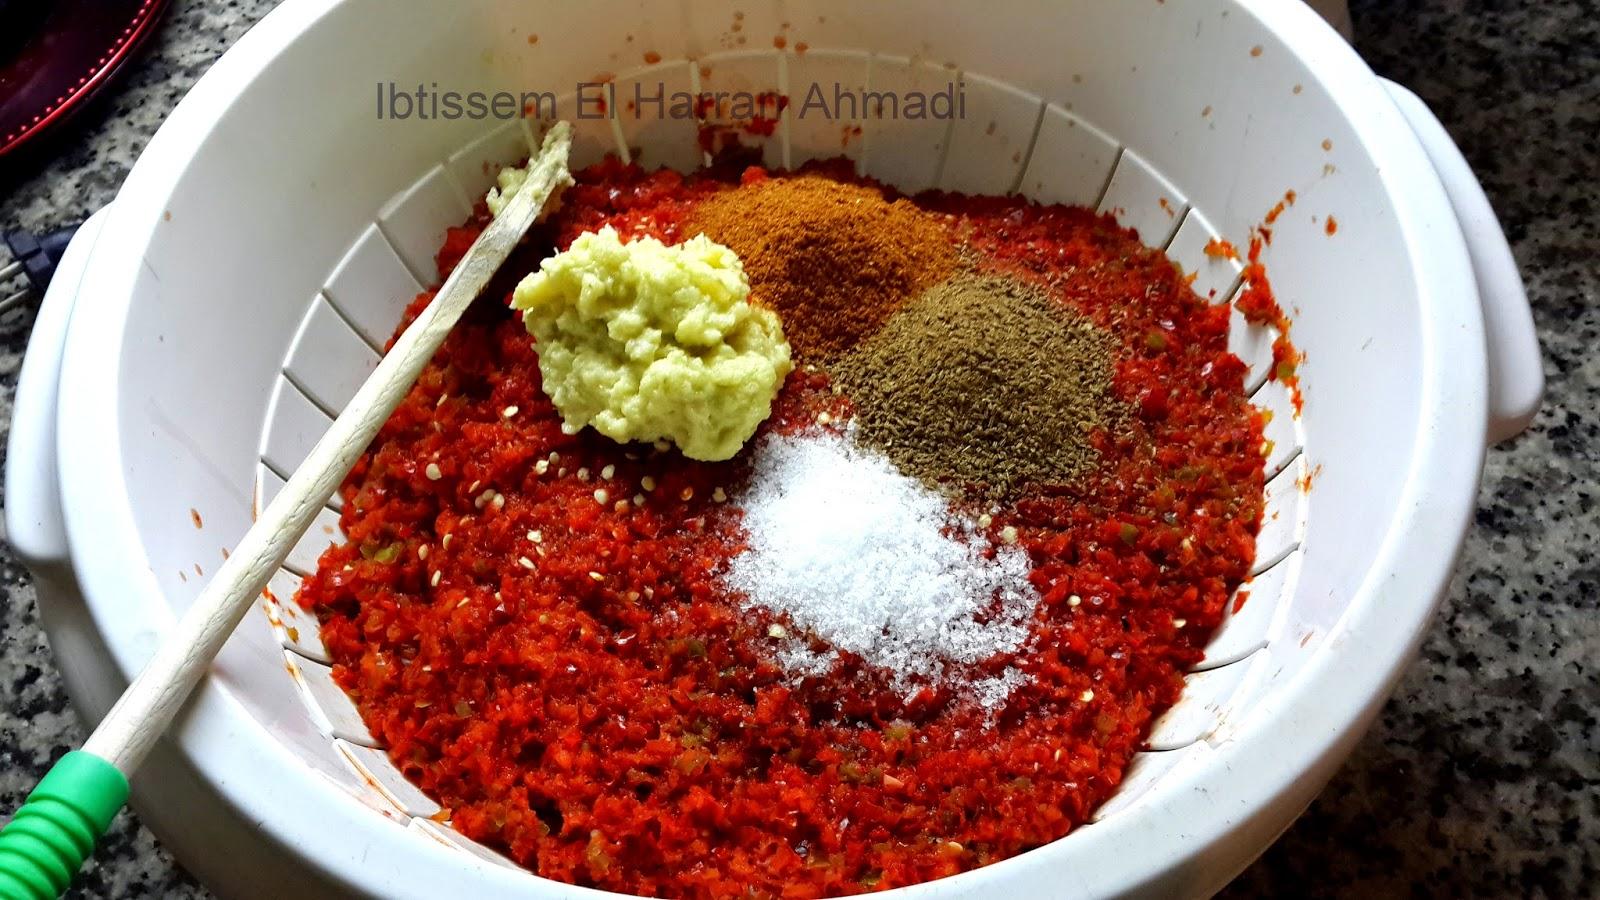 Hrous recette tunisienne d lices et caprices - Cuisine tunisienne traditionnelle four ...